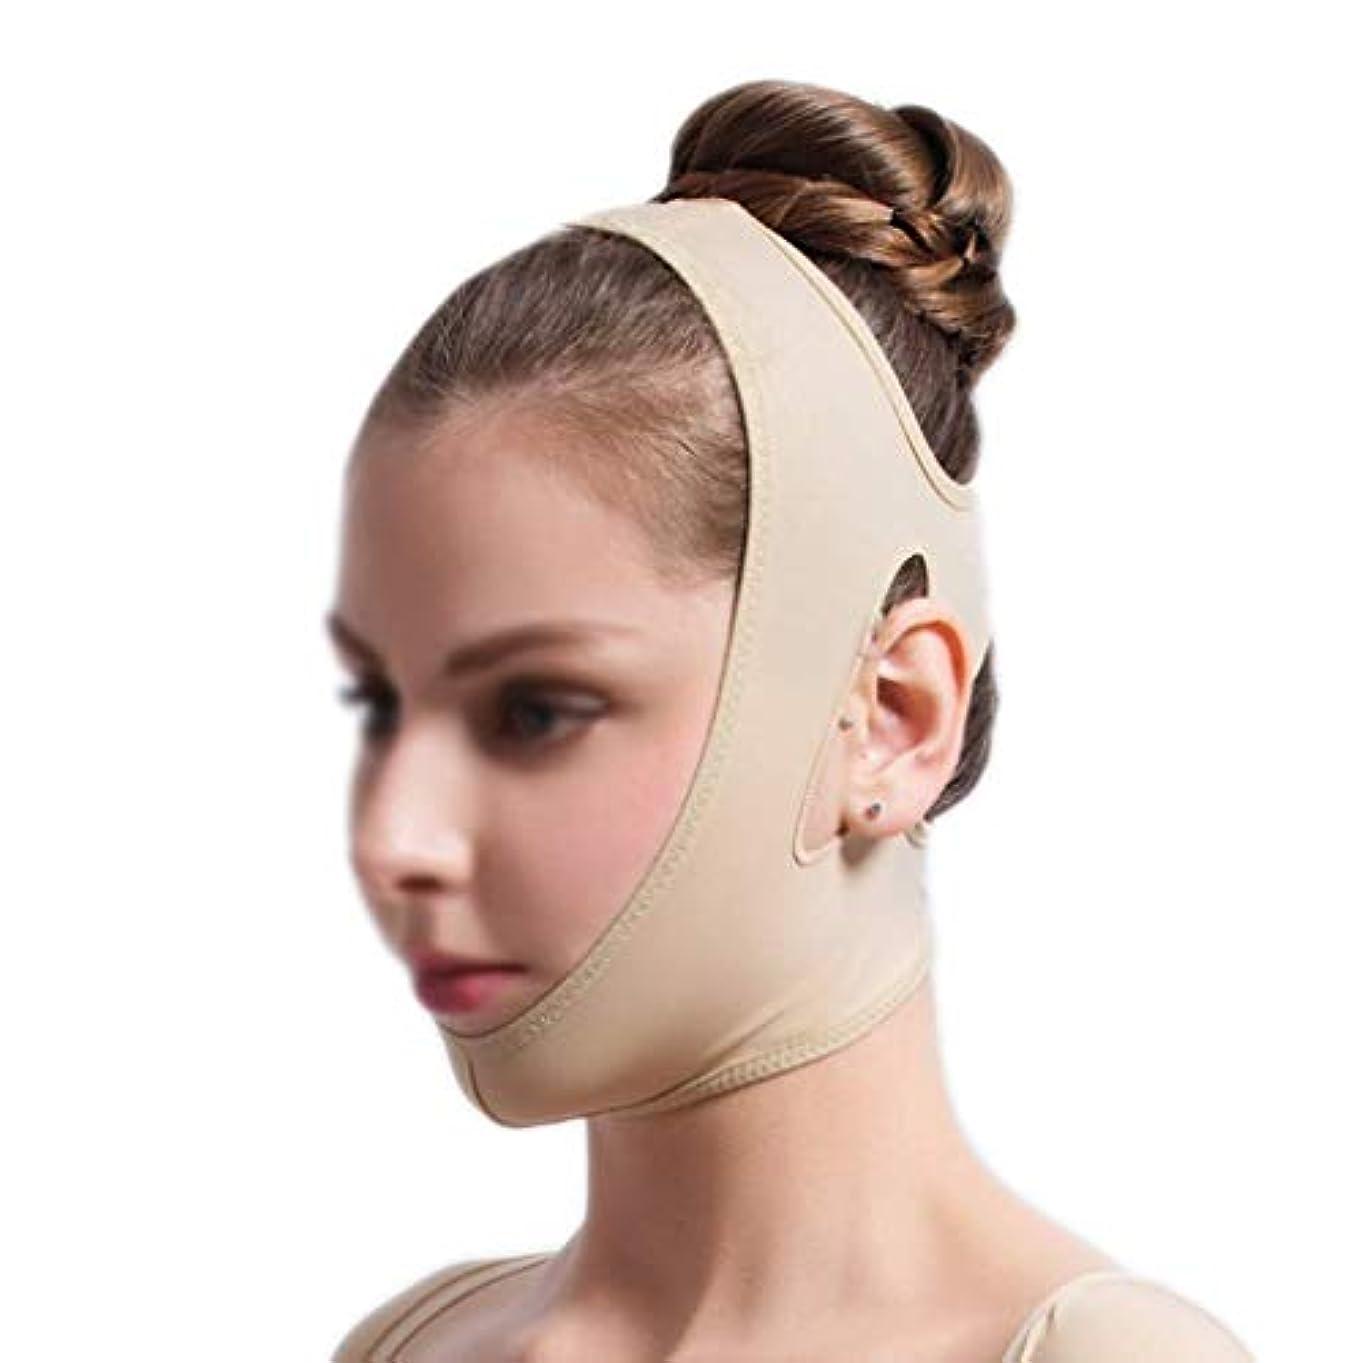 アトラスクレーン完全に乾くフェイスリフティングバンデージ、フェイシャル減量マスク、フェイシャルリフティングスリミングベルト、痩身チークマスク(サイズ:S),XL